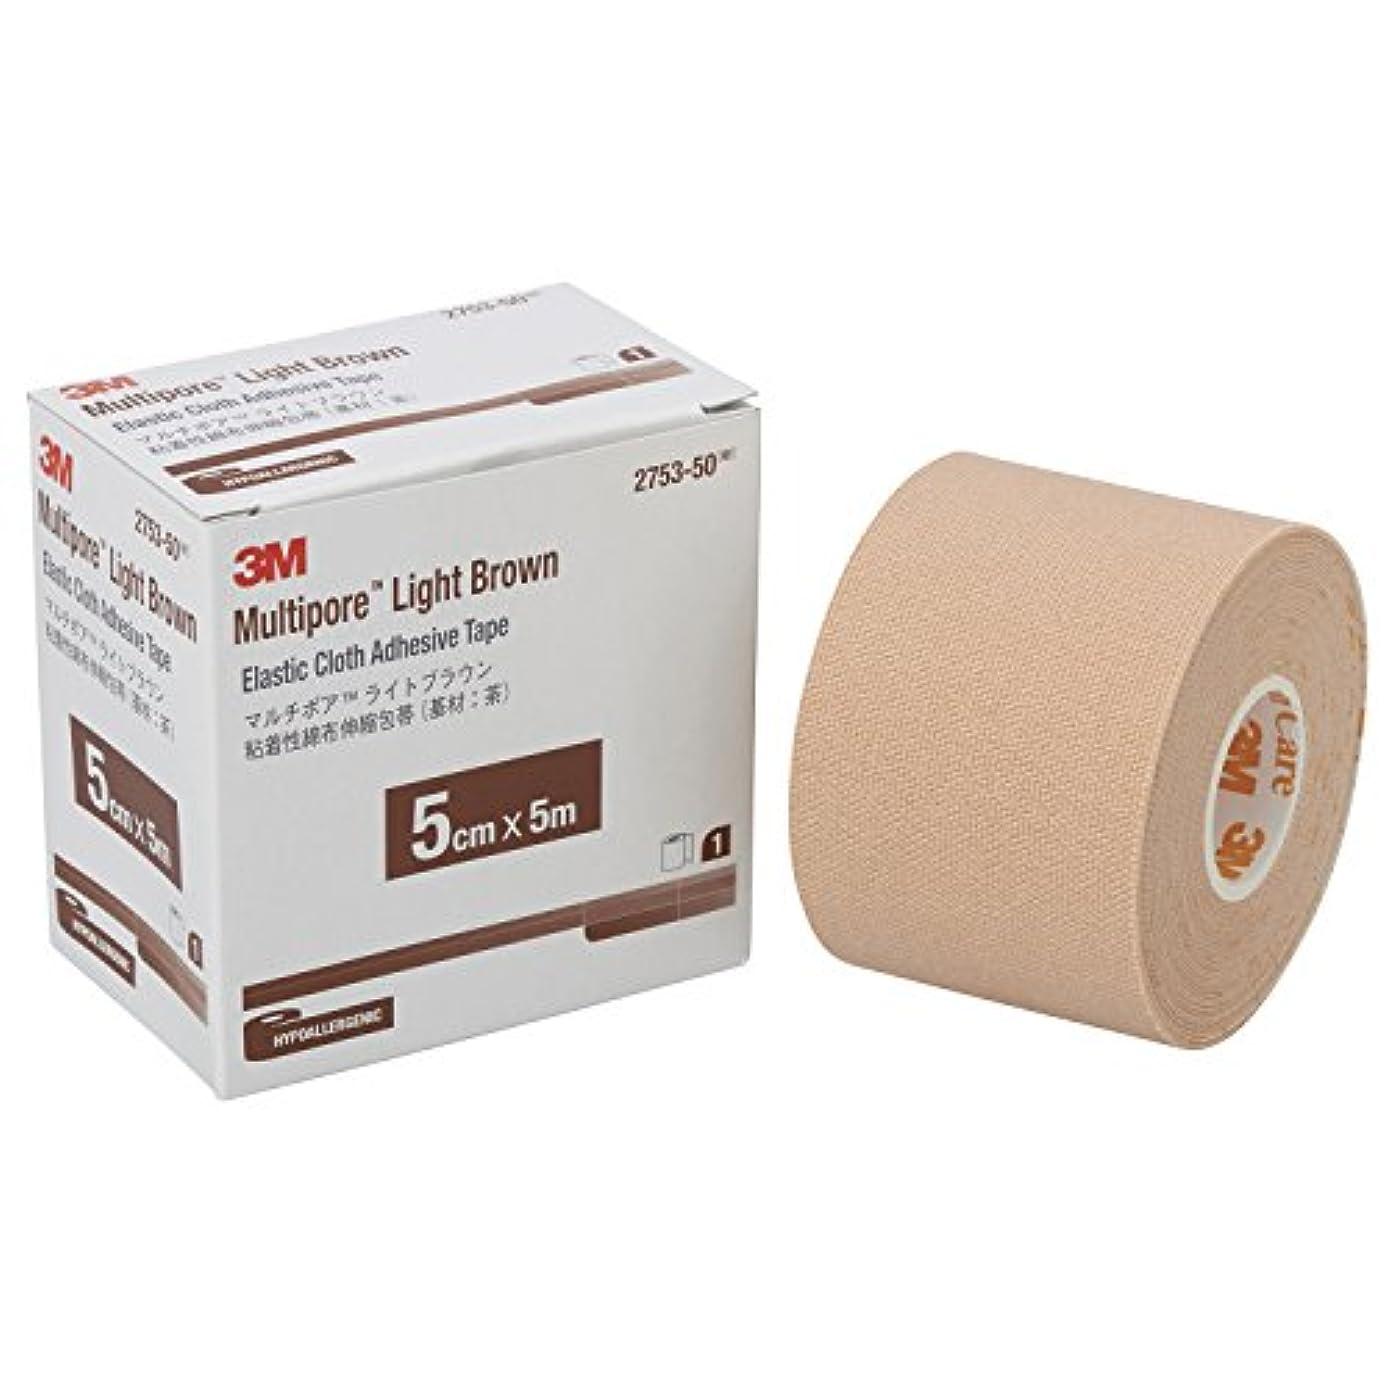 薄汚い認証適格3M 包帯 粘着性綿布伸縮 ライトブラウン 5cm幅x5m 1巻 マルチポア 2753-50